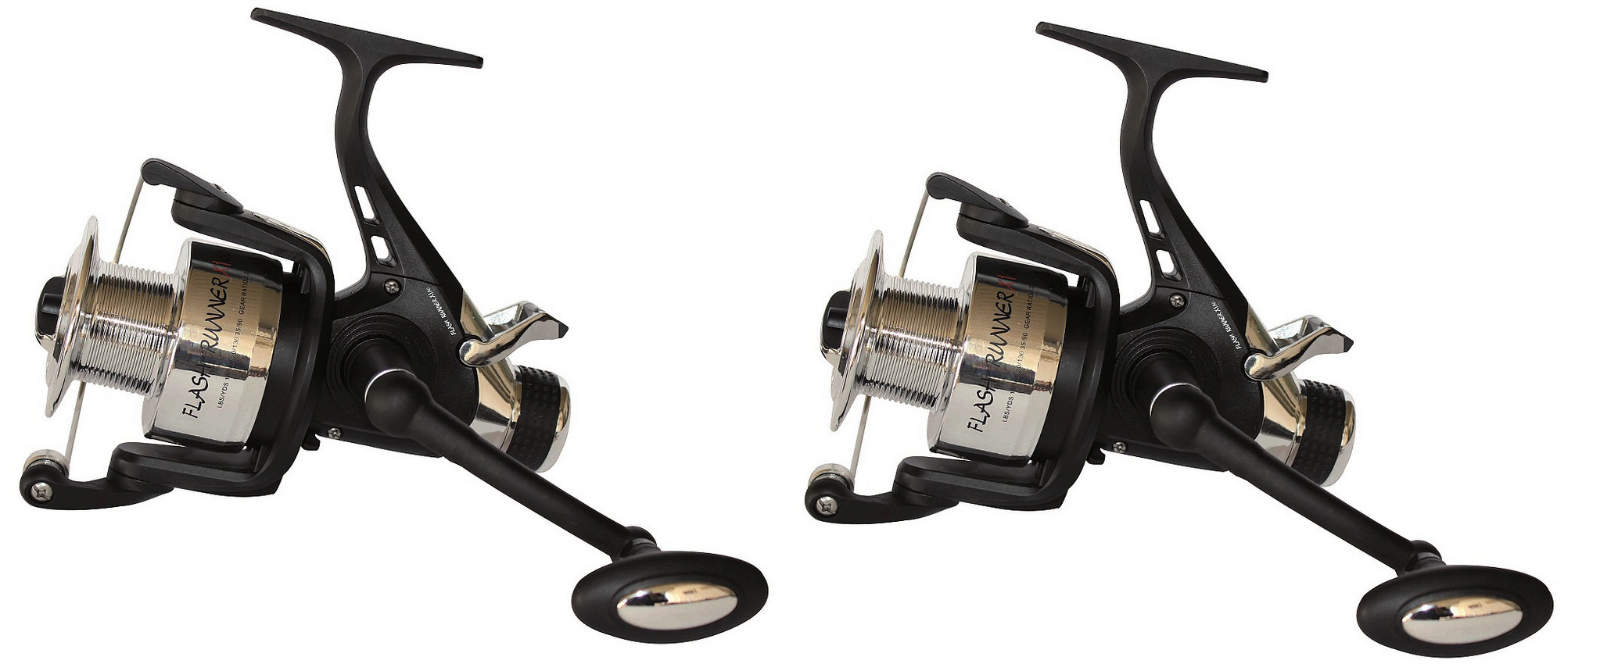 2 mulinelli  flashcarp 6000 carpfishing pesca carpa mulinello carp fishing fondo  economico e di alta qualità